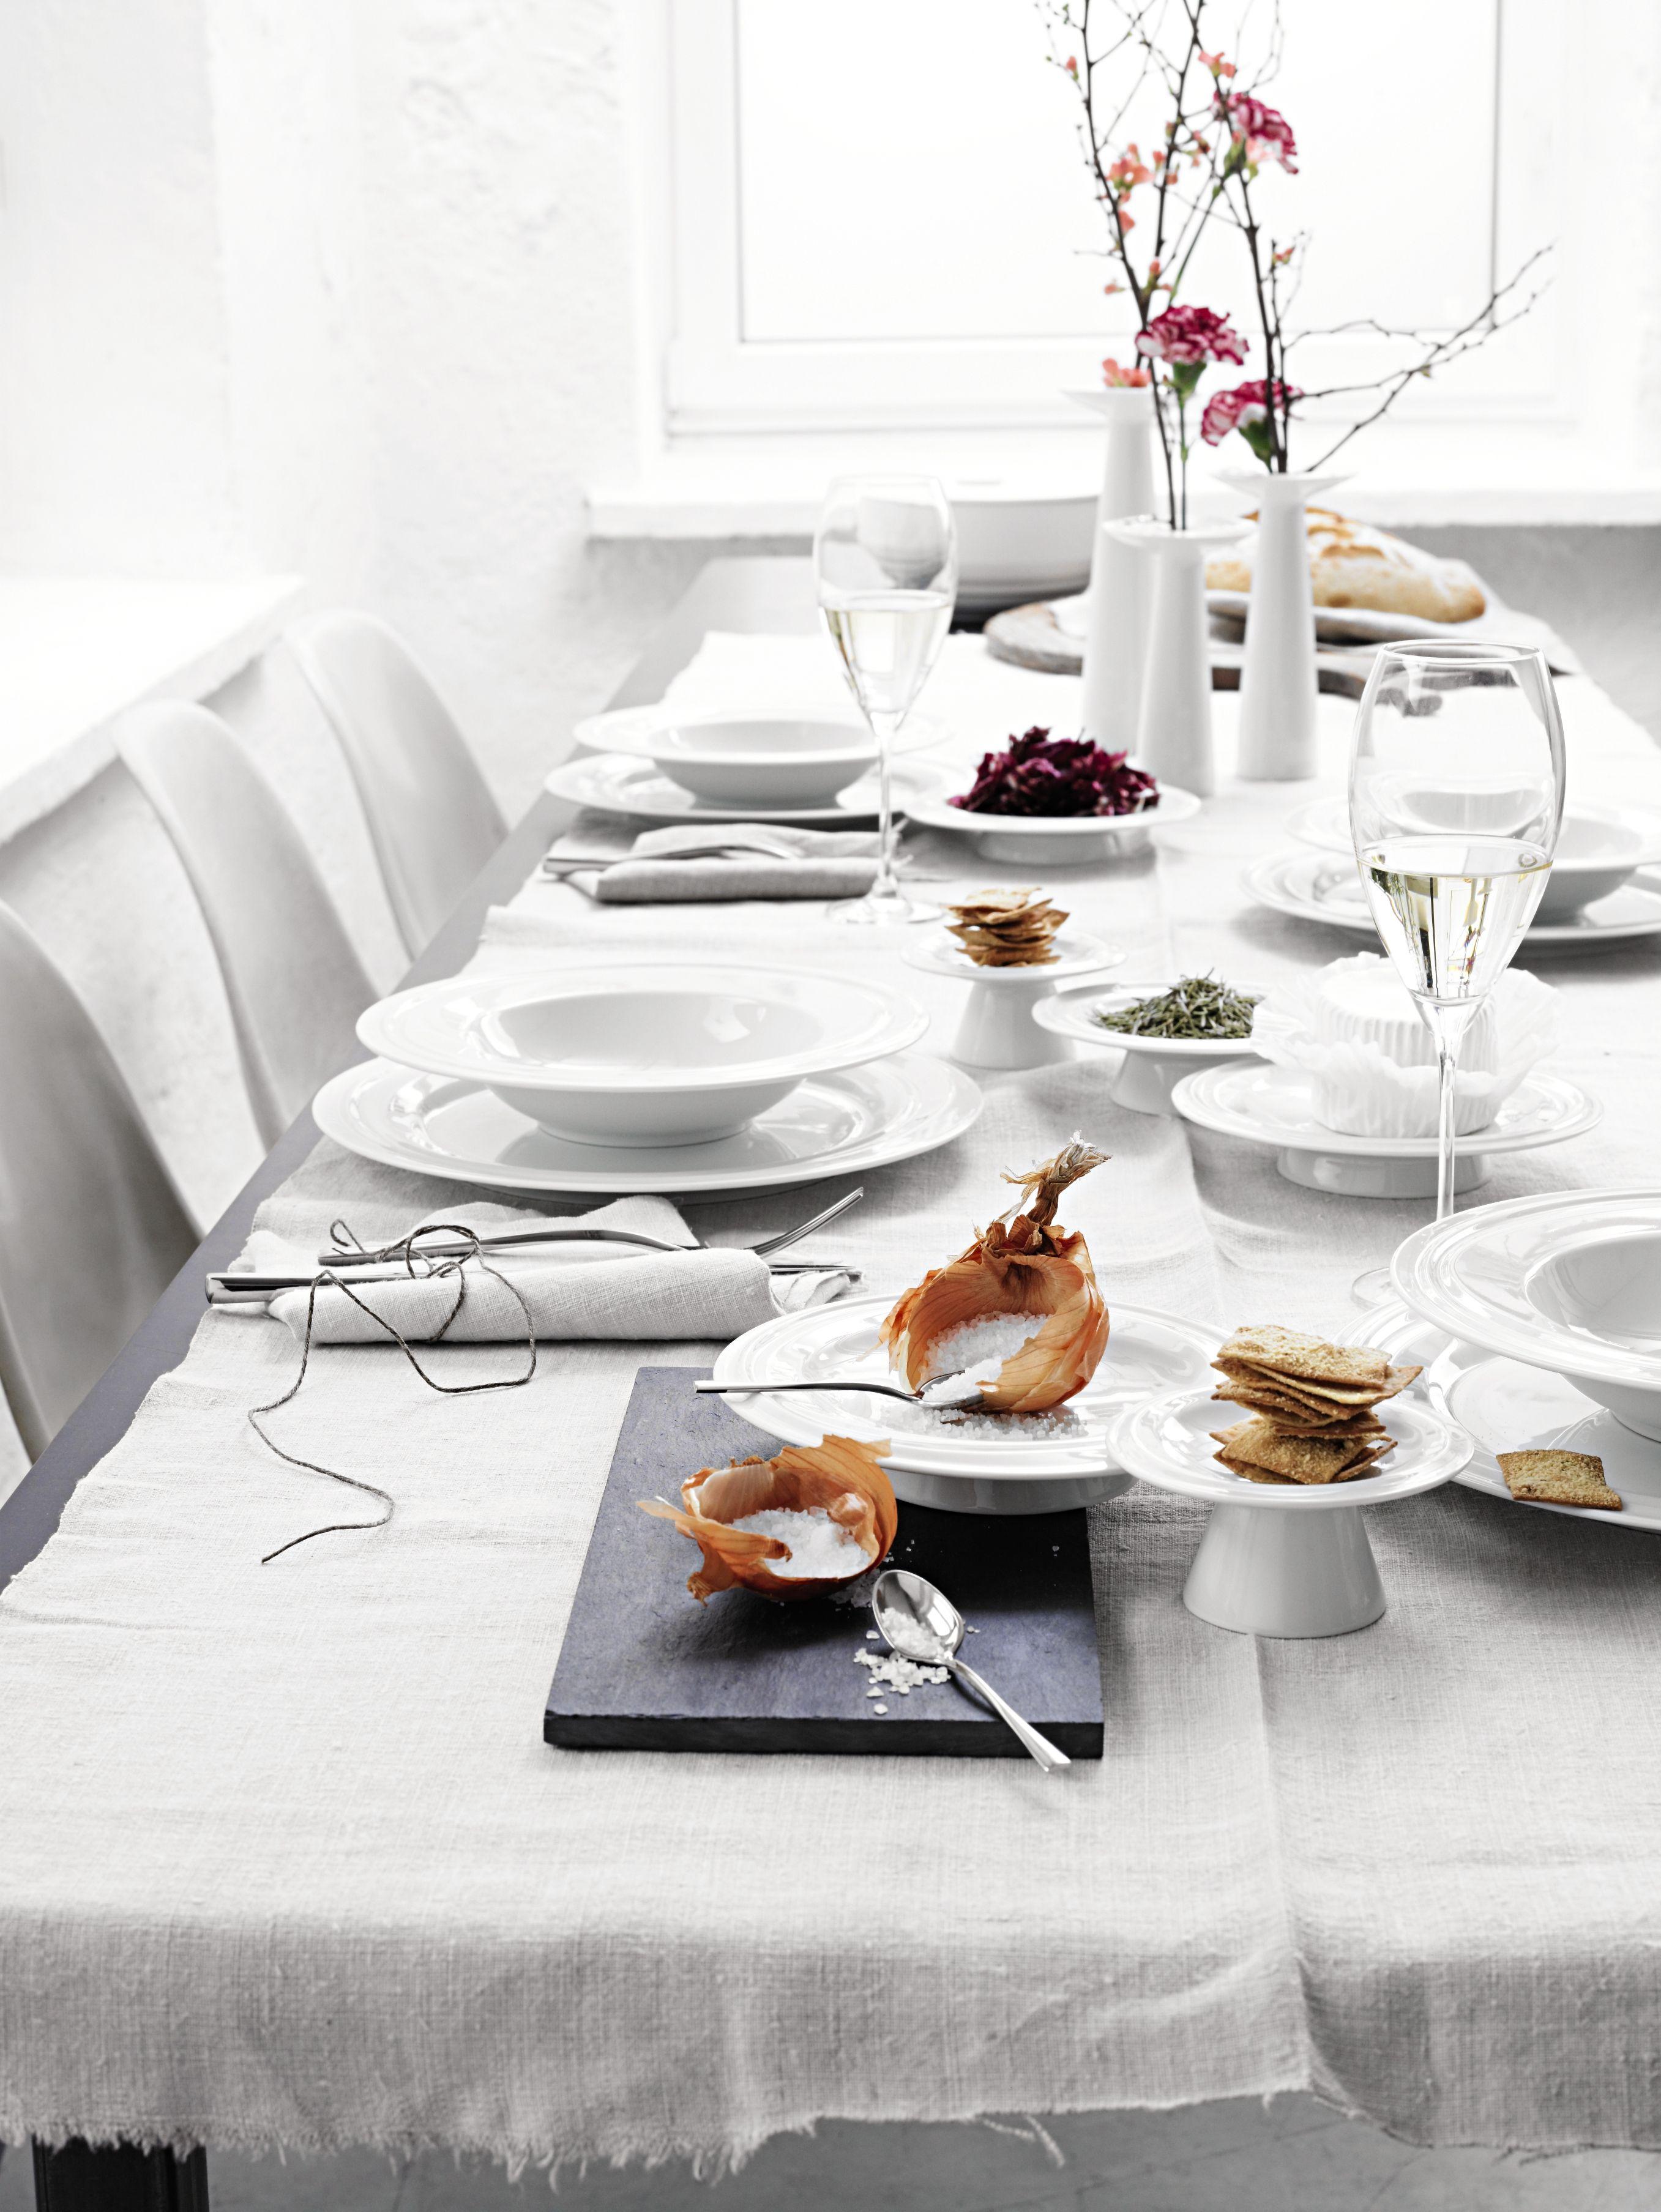 نصائح ترتيب المائدة في رمضان احرصي على وجود 4 أطباق مختلفة الأحجام على الأقل 12 أو 24 قطعة من كل نوع حسب عدد أفراد العائلة Table Settings Design Table